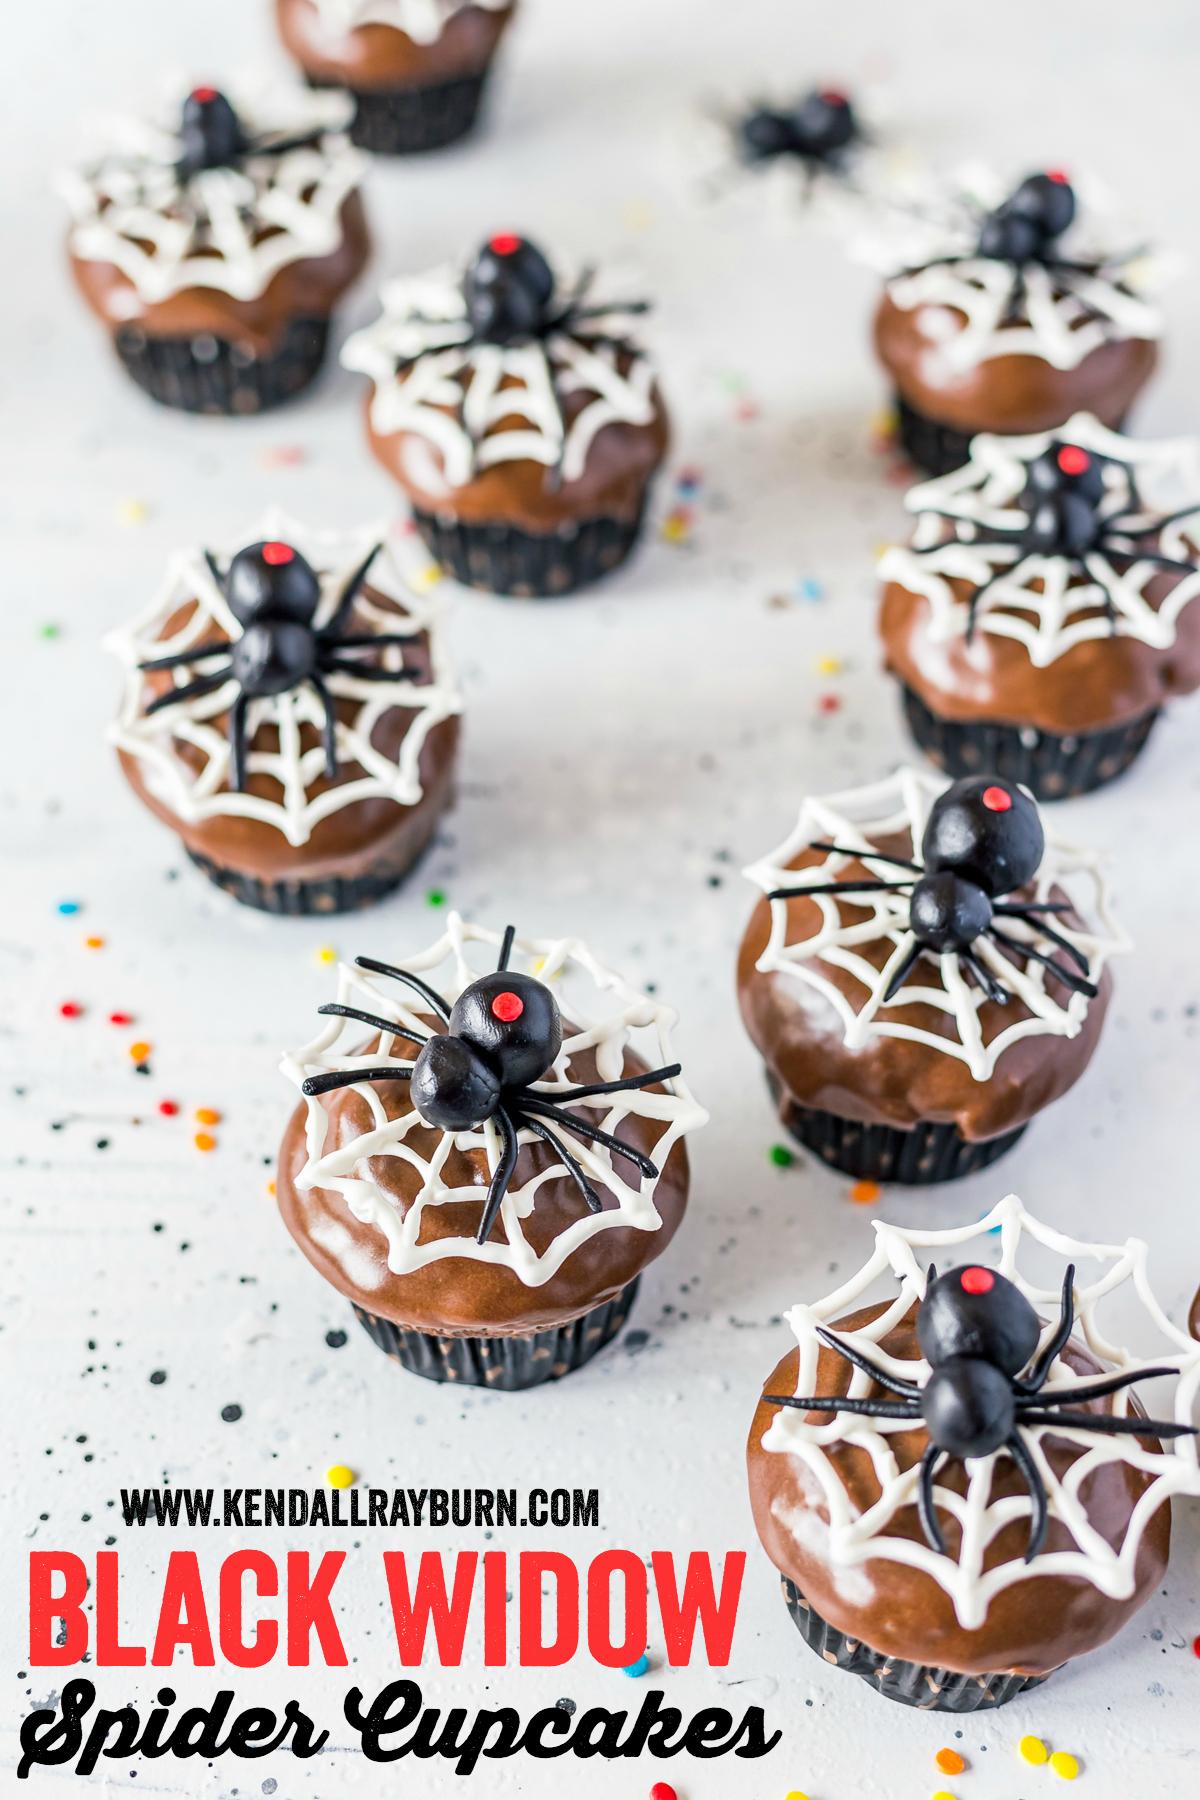 Black Widow Spider Cupcakes